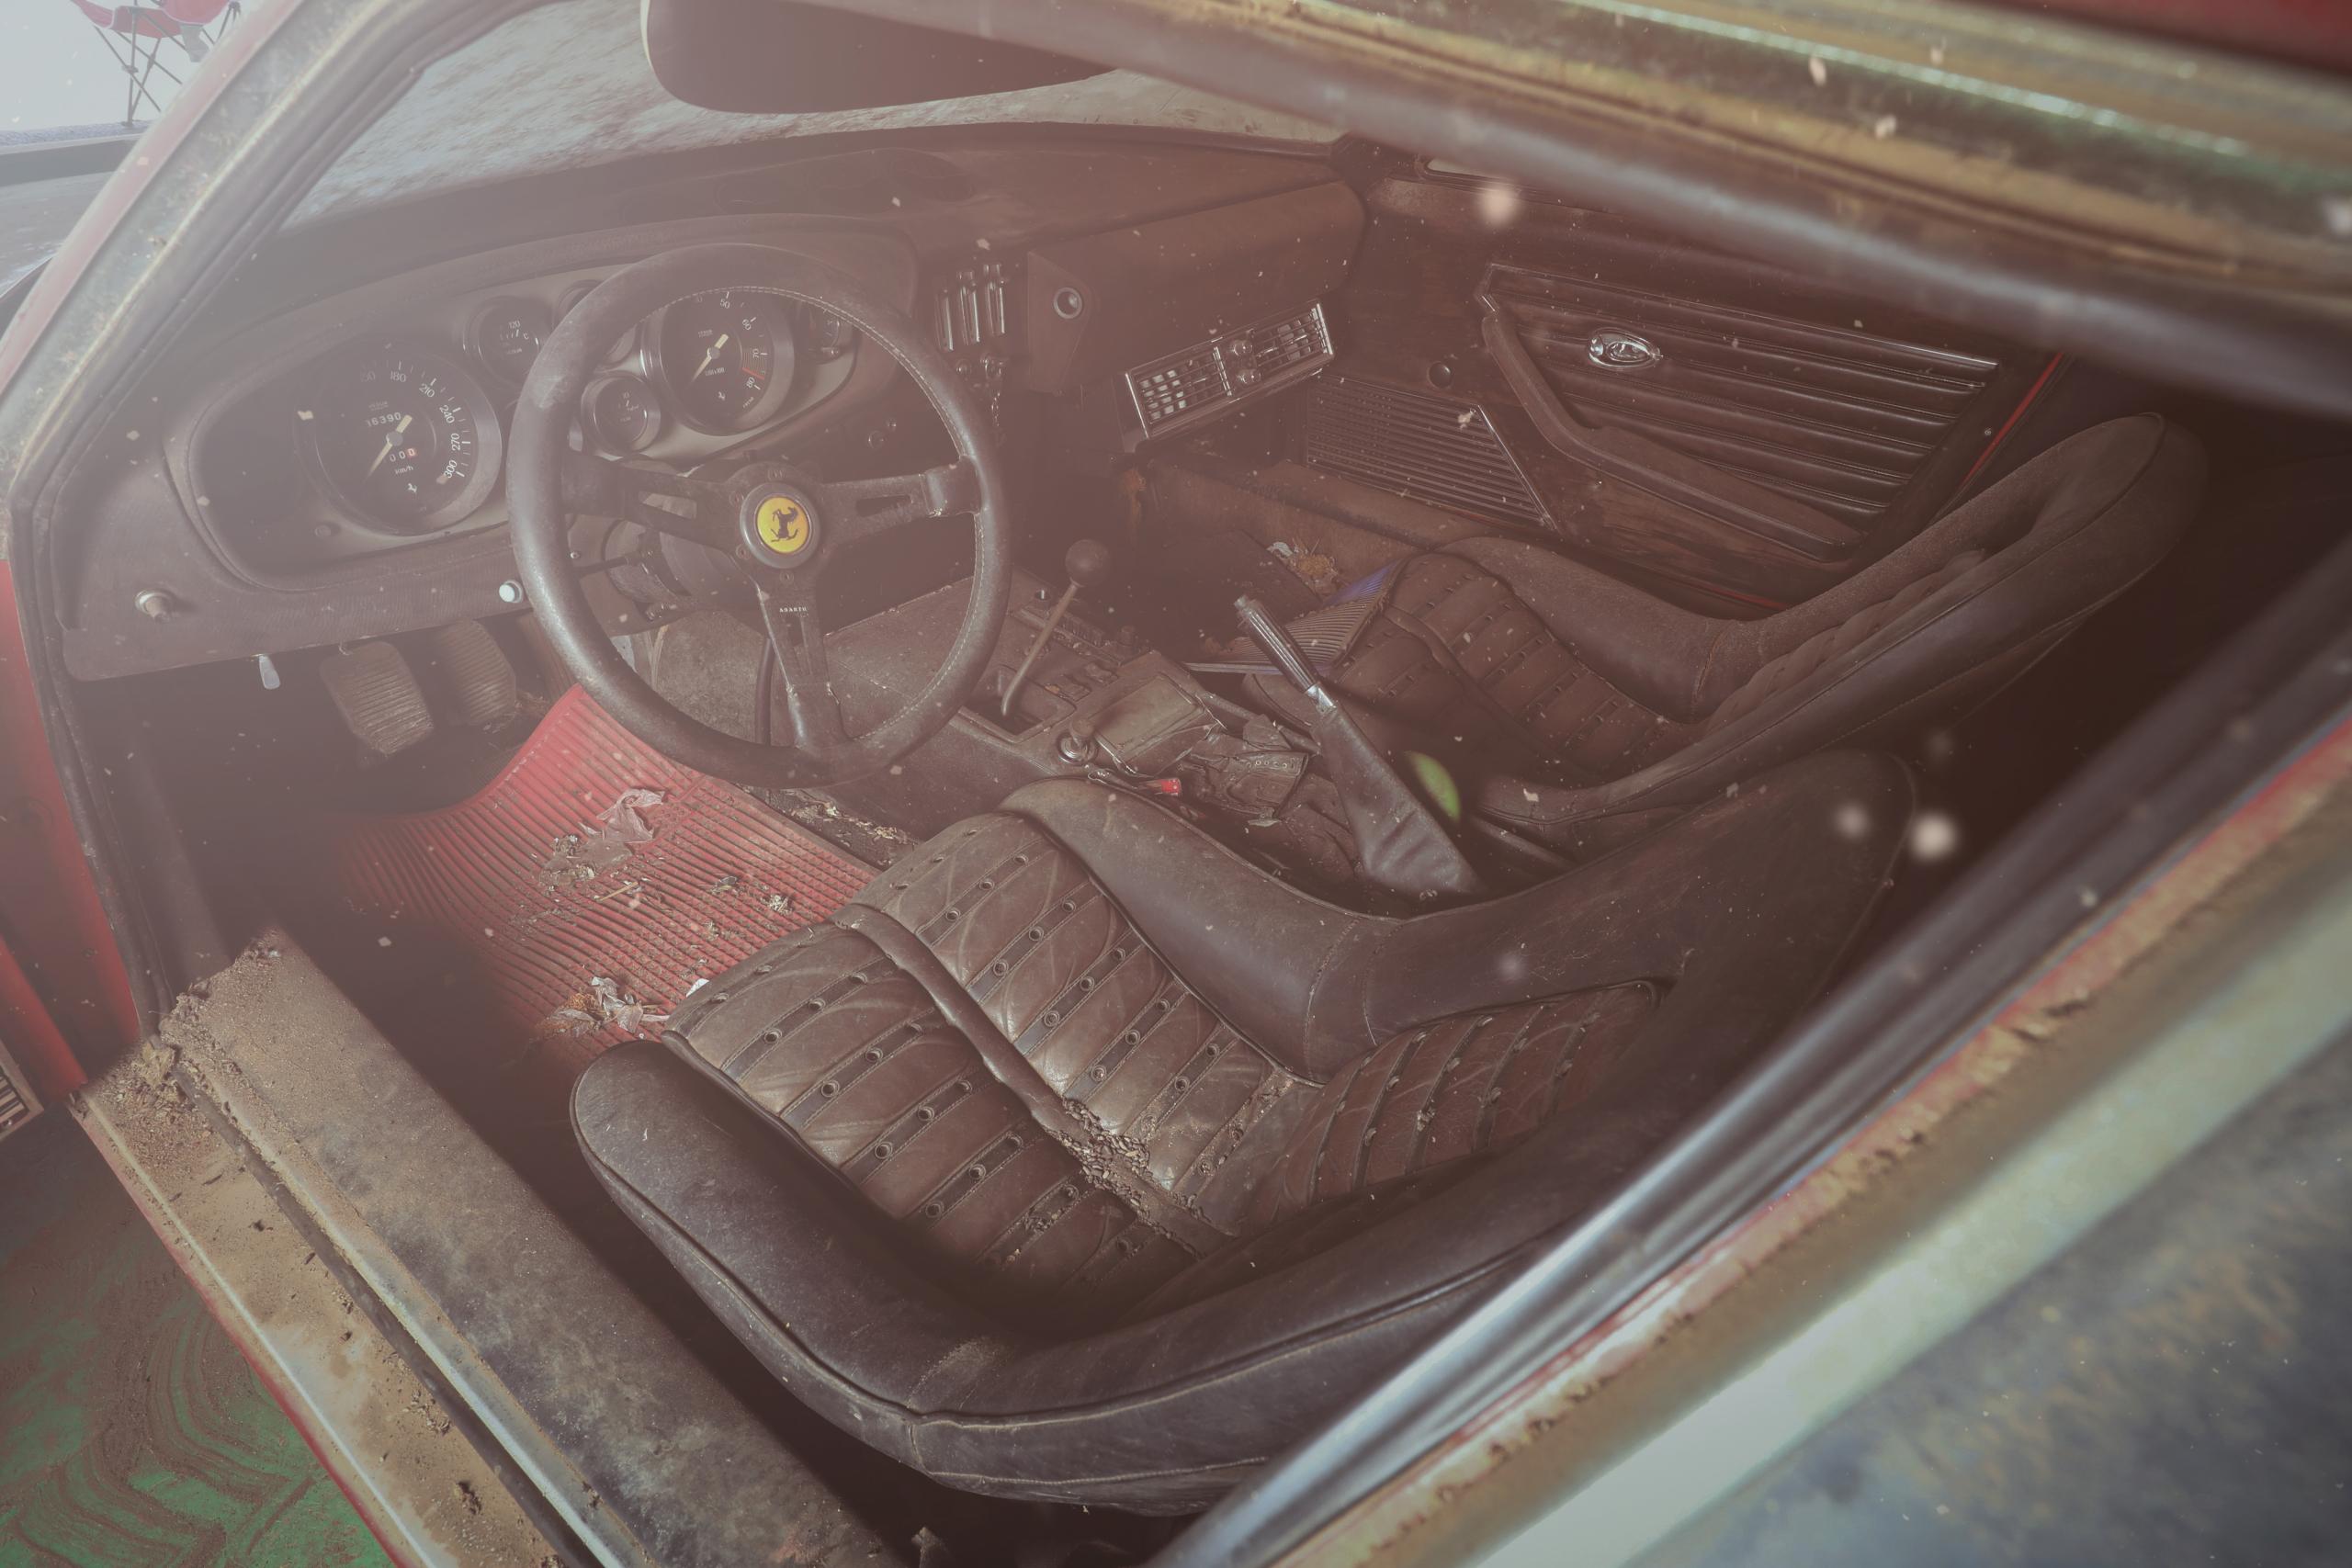 Ferrari 365 GTB/4 'Daytona' barn find interior